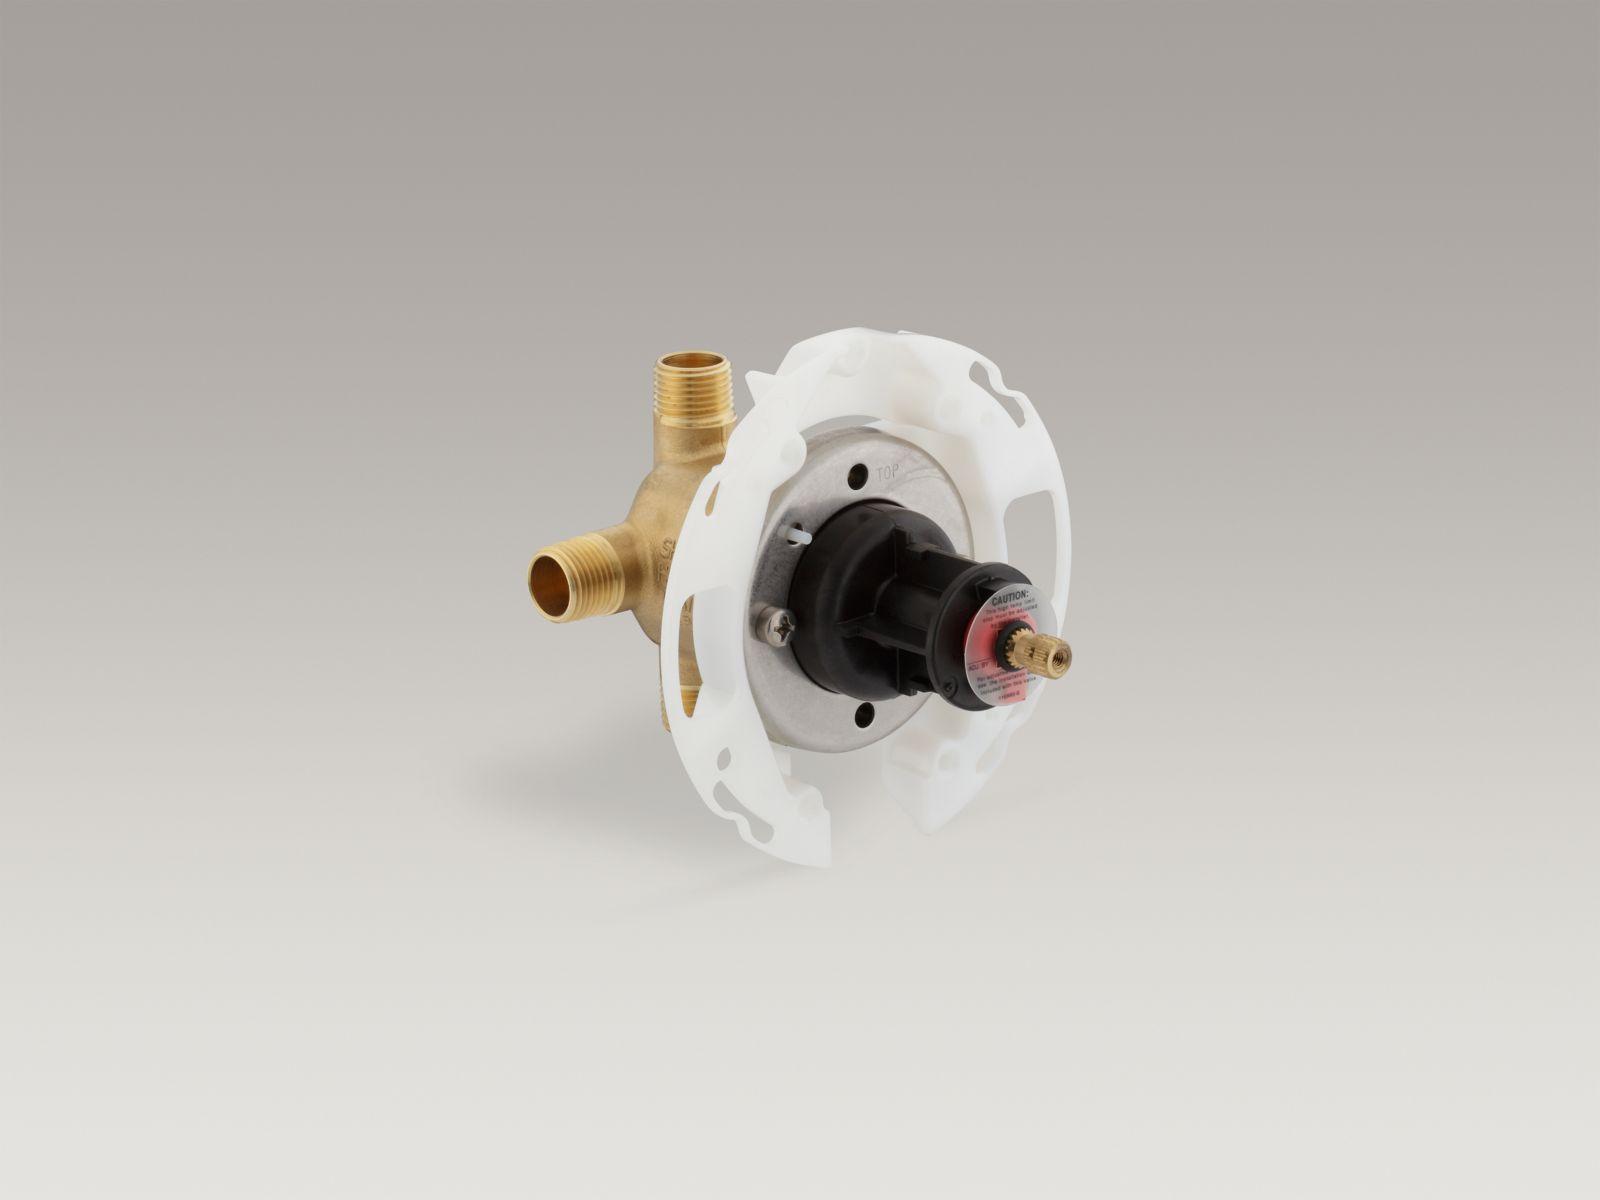 Kohler K-P304-K-NA Rite-Temp Pressure-balancing Shower Valve